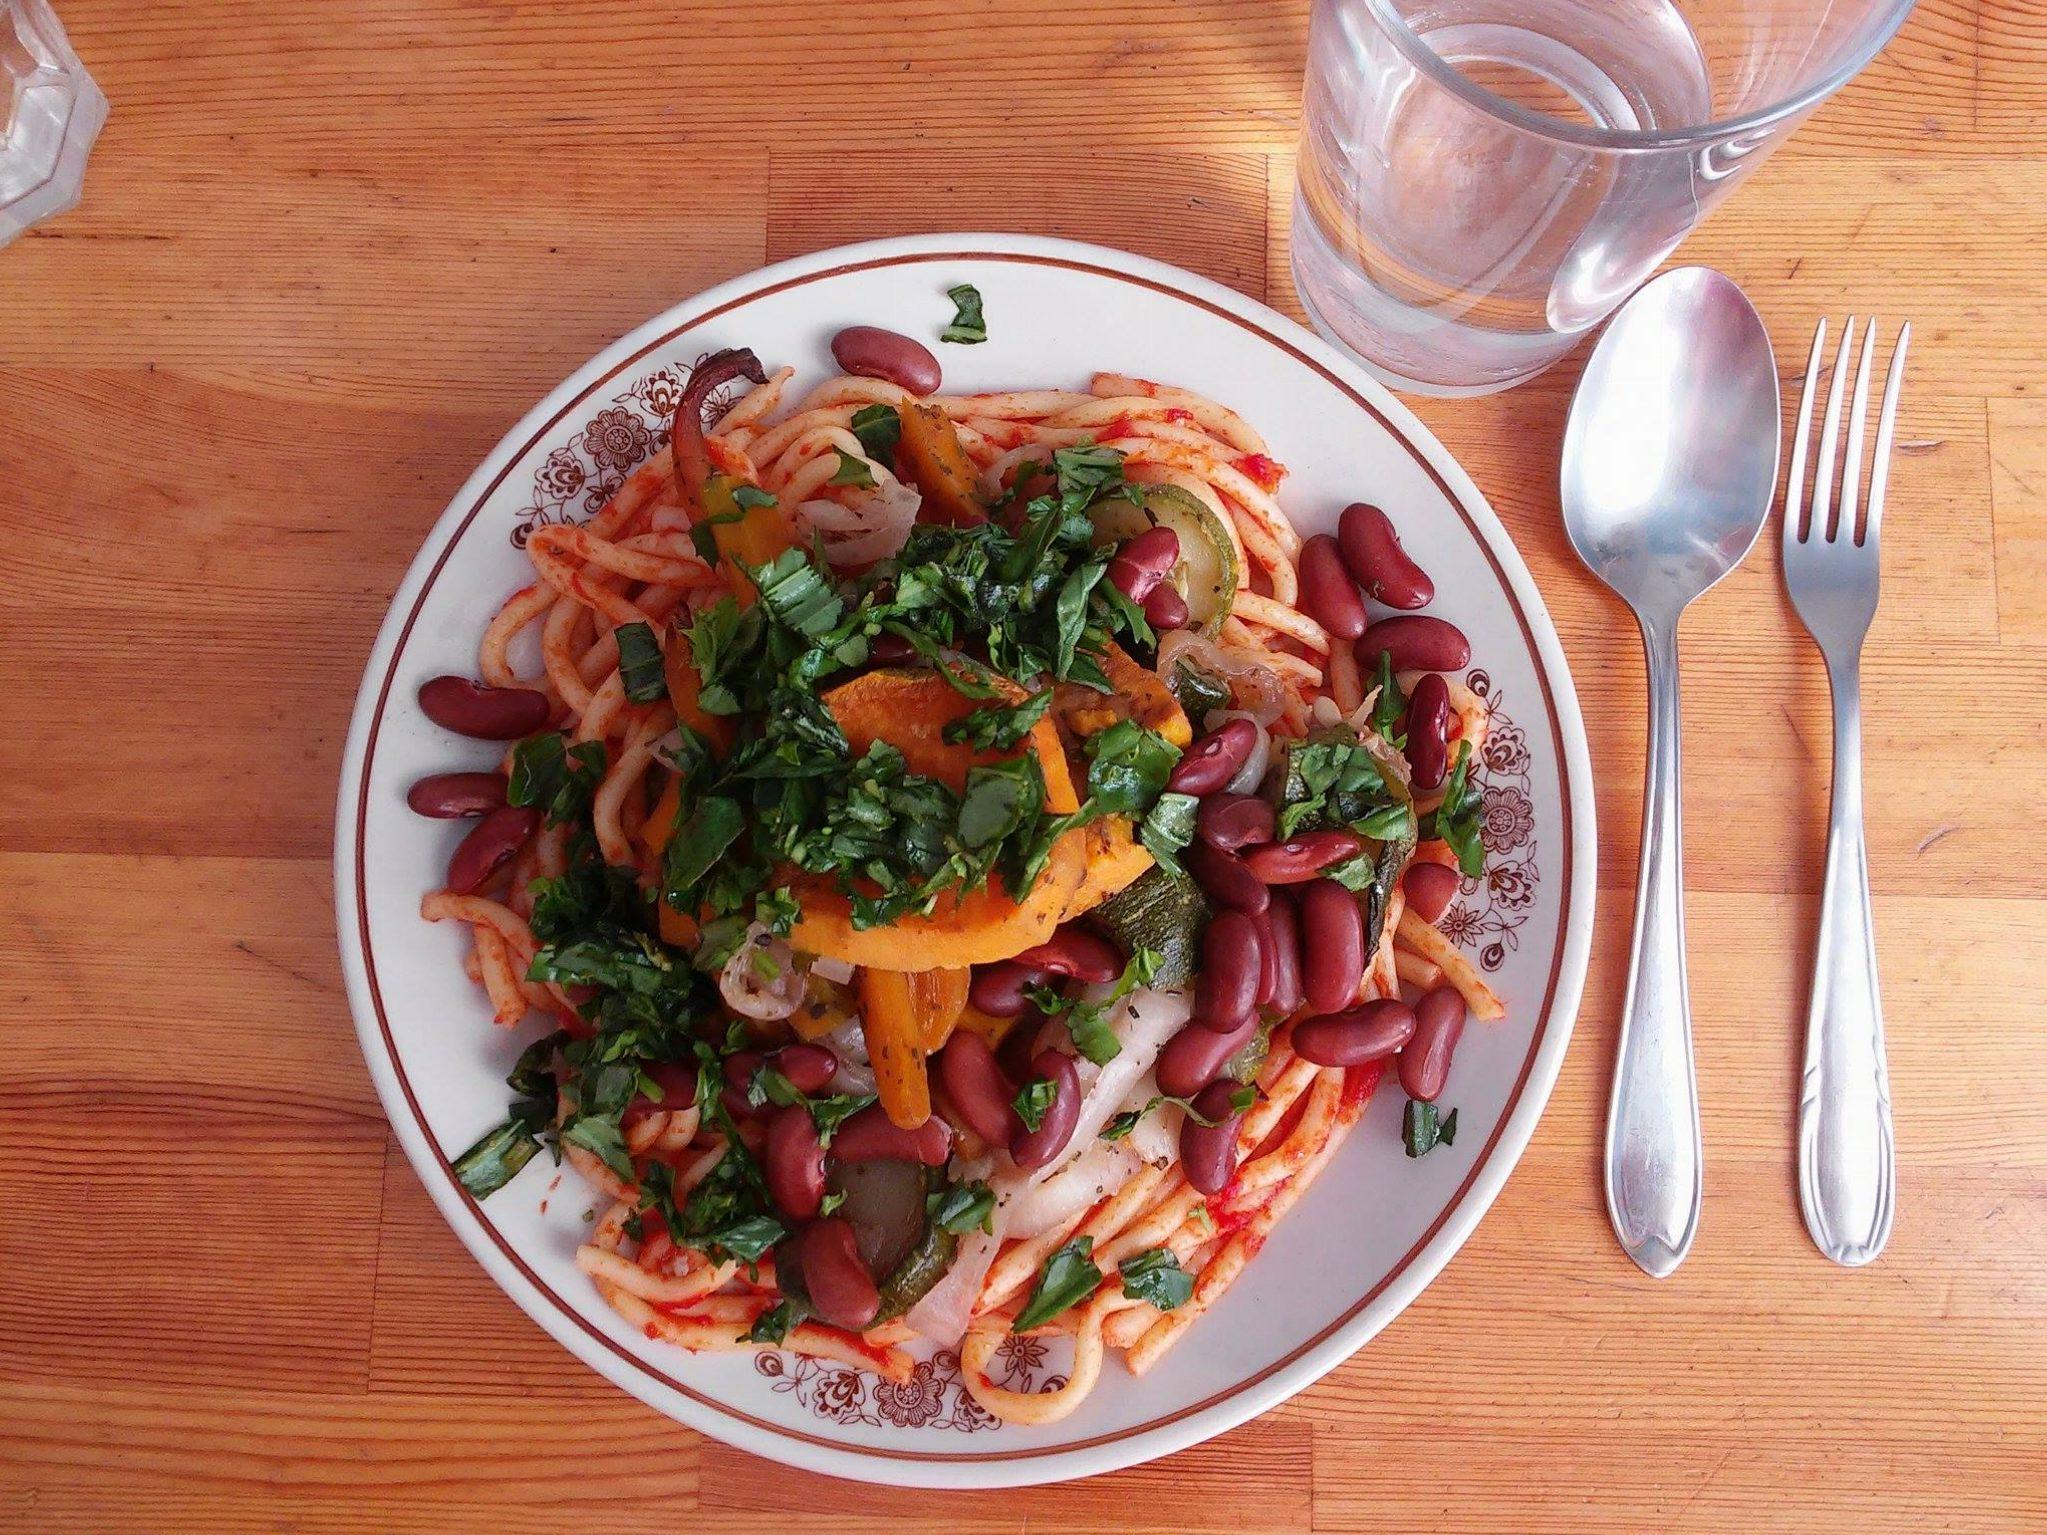 Makaron z sosem pomidorowym, pieczonymi warzywami (cukinia, cebula, marchewka i batat), czerwoną fasolą i świeżą bazylią. Do picia kompot z rabarbaru.